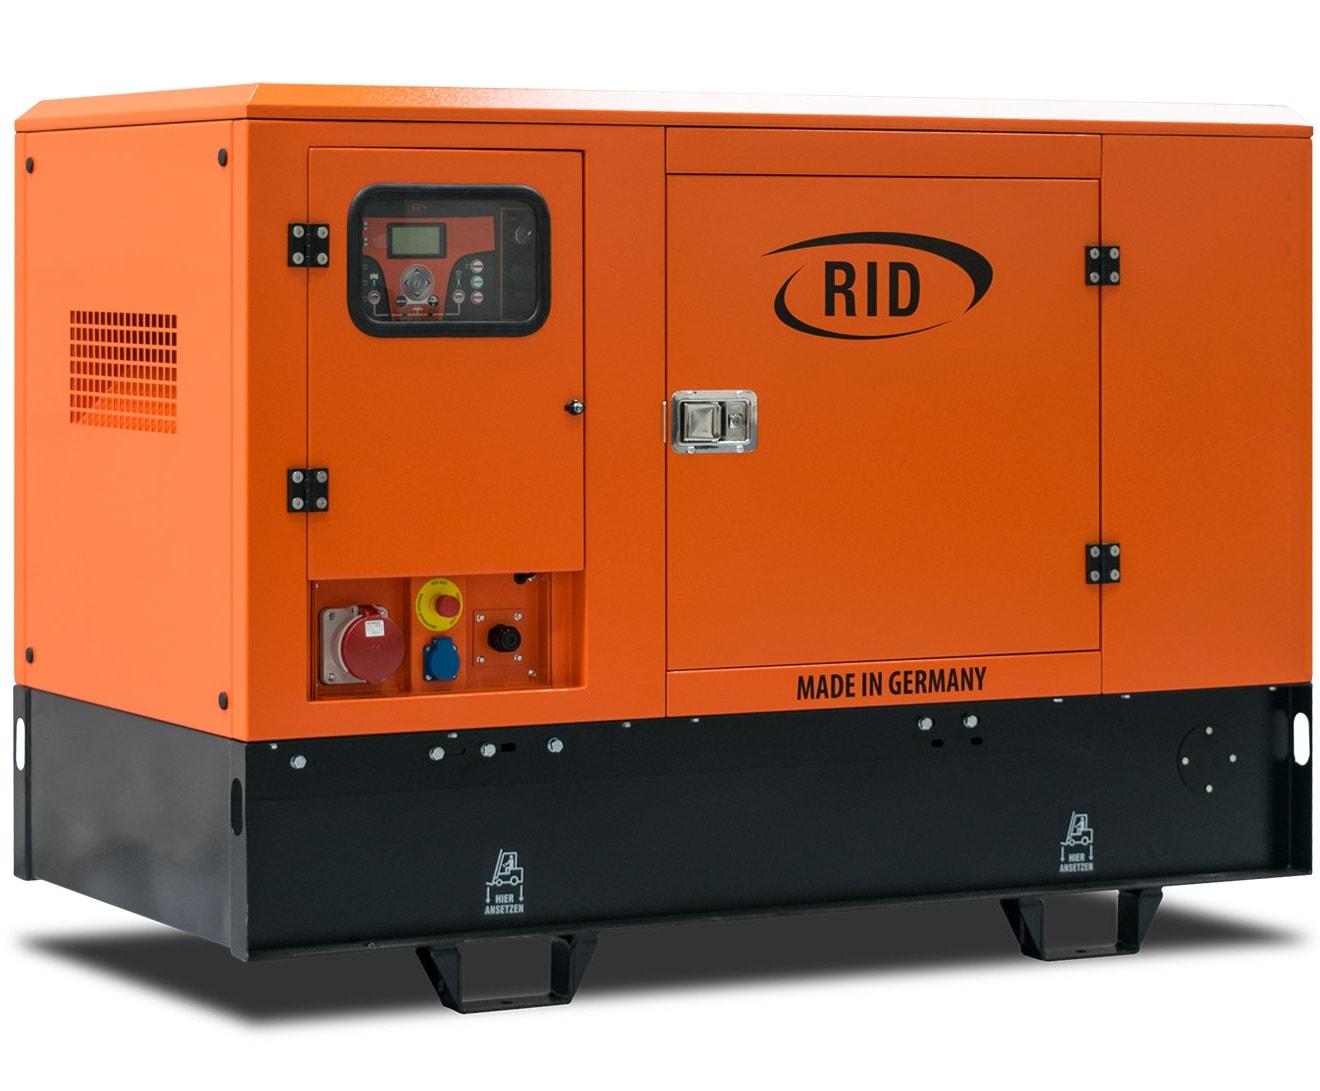 дизельная электростанция rid 30/1 s-series s